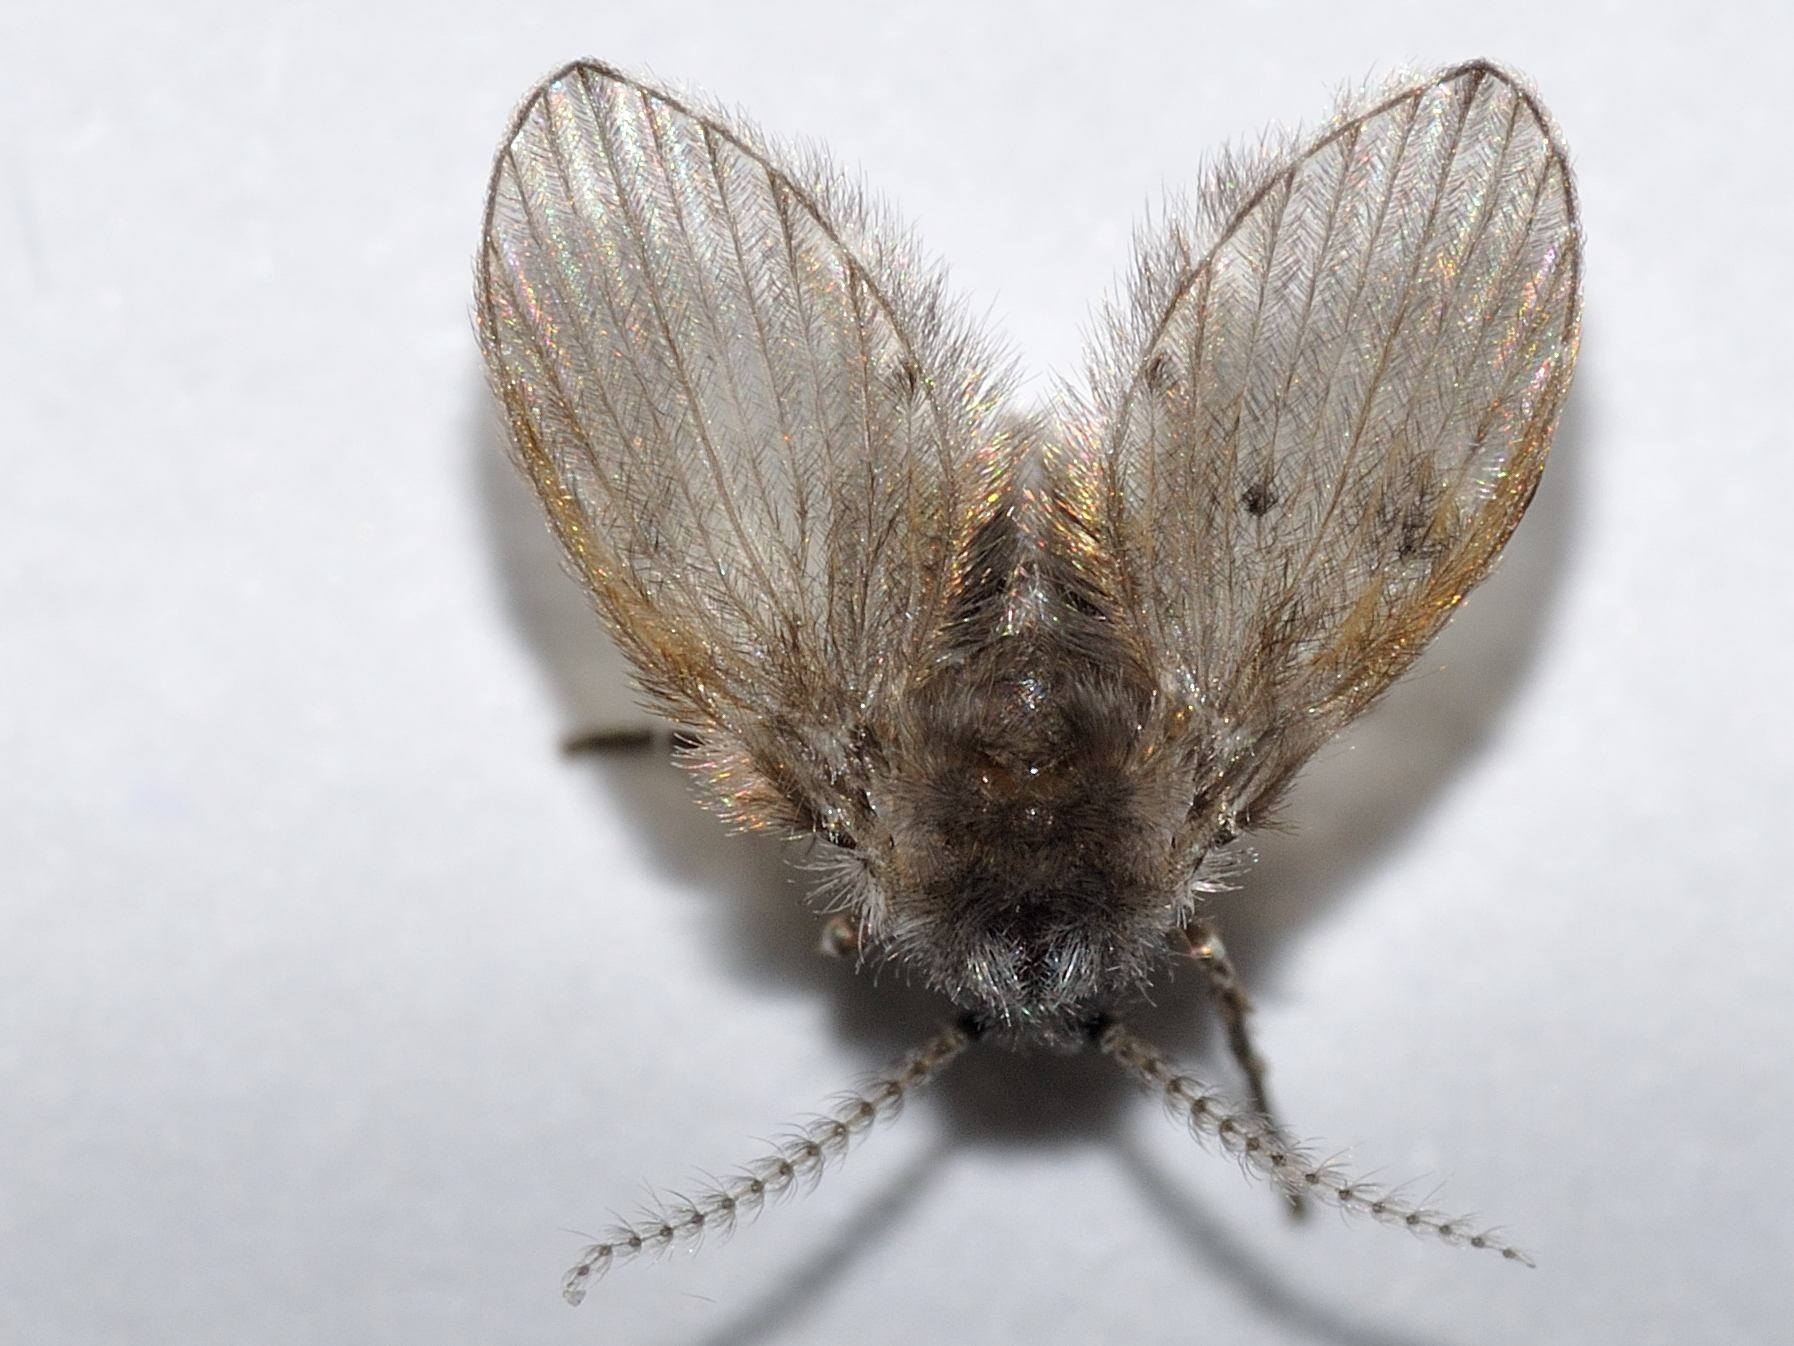 Insetti simili mosche in bagno cosa sono psychodidae forum natura mediterraneo forum - Farfalline nere in bagno ...